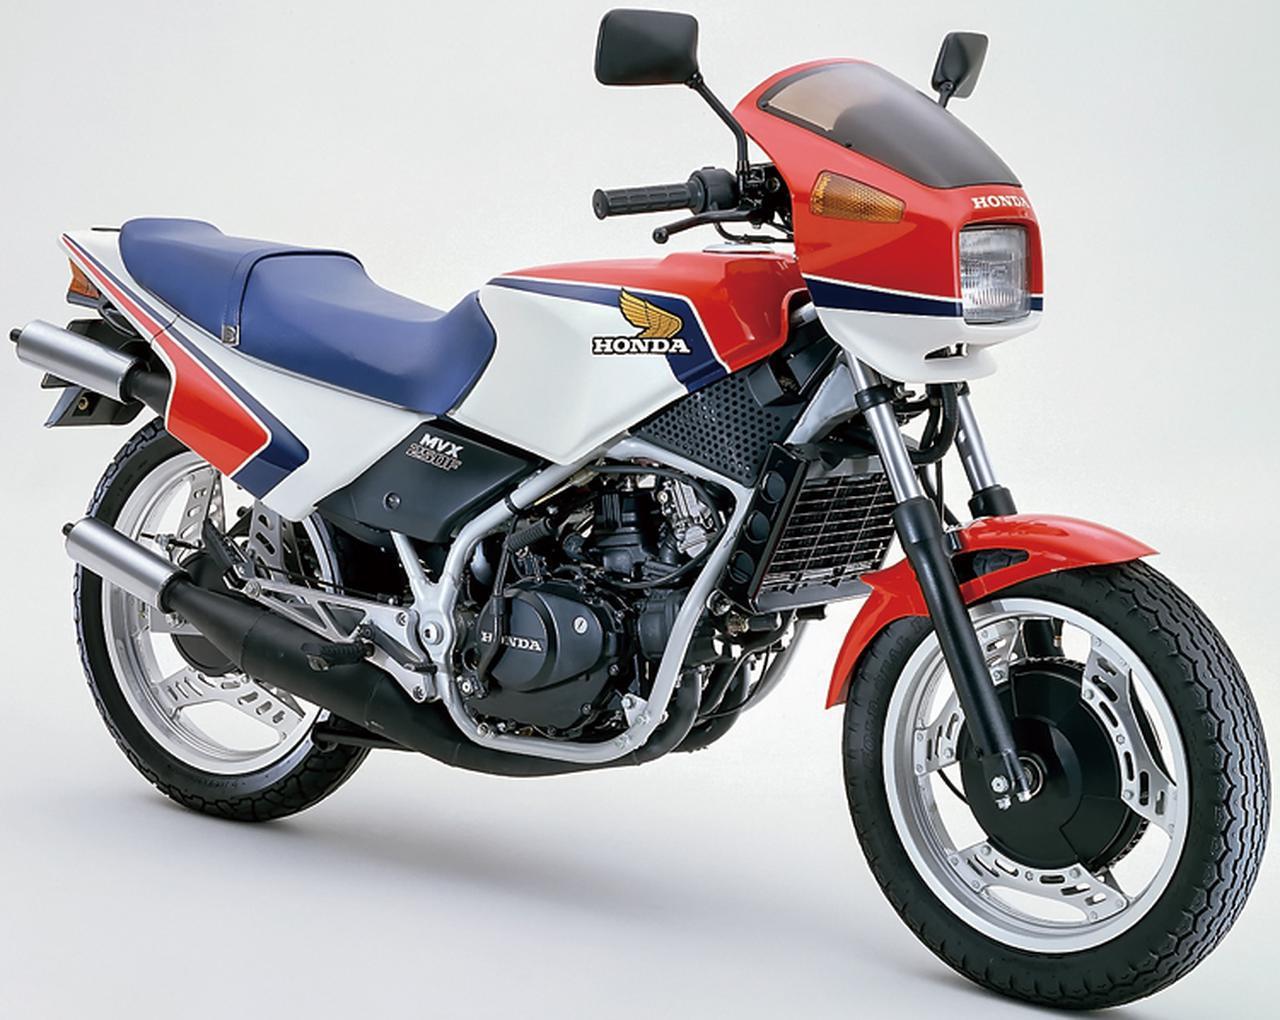 画像: ホンダの2ストローク車「MVX」と「NS」の歴史を一気に振り返る! MVX&NSヒストリー(1983-1986)【Heritage&Legends】 - webオートバイ